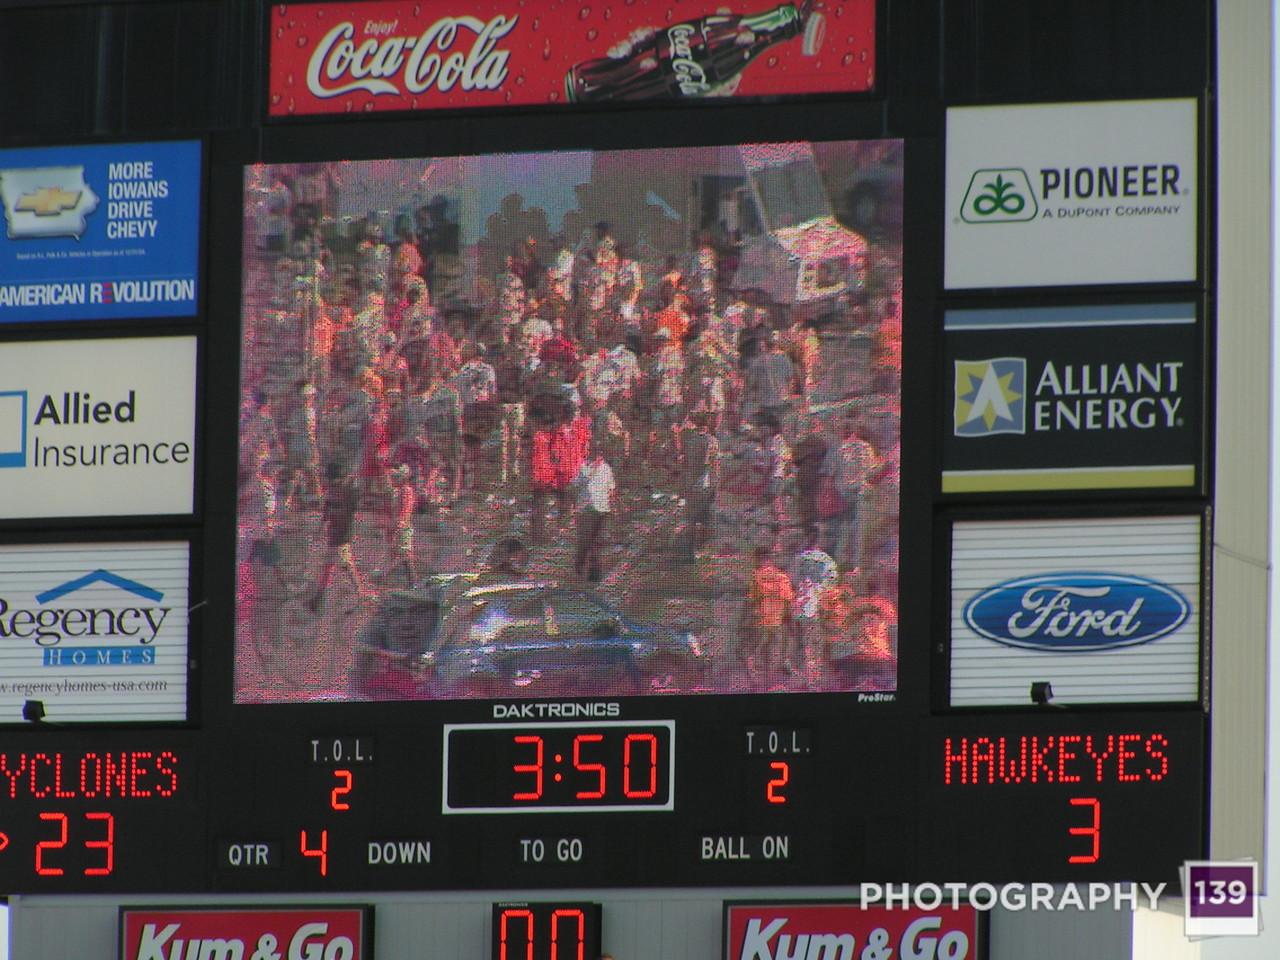 Iowa State vs. Iowa 2005